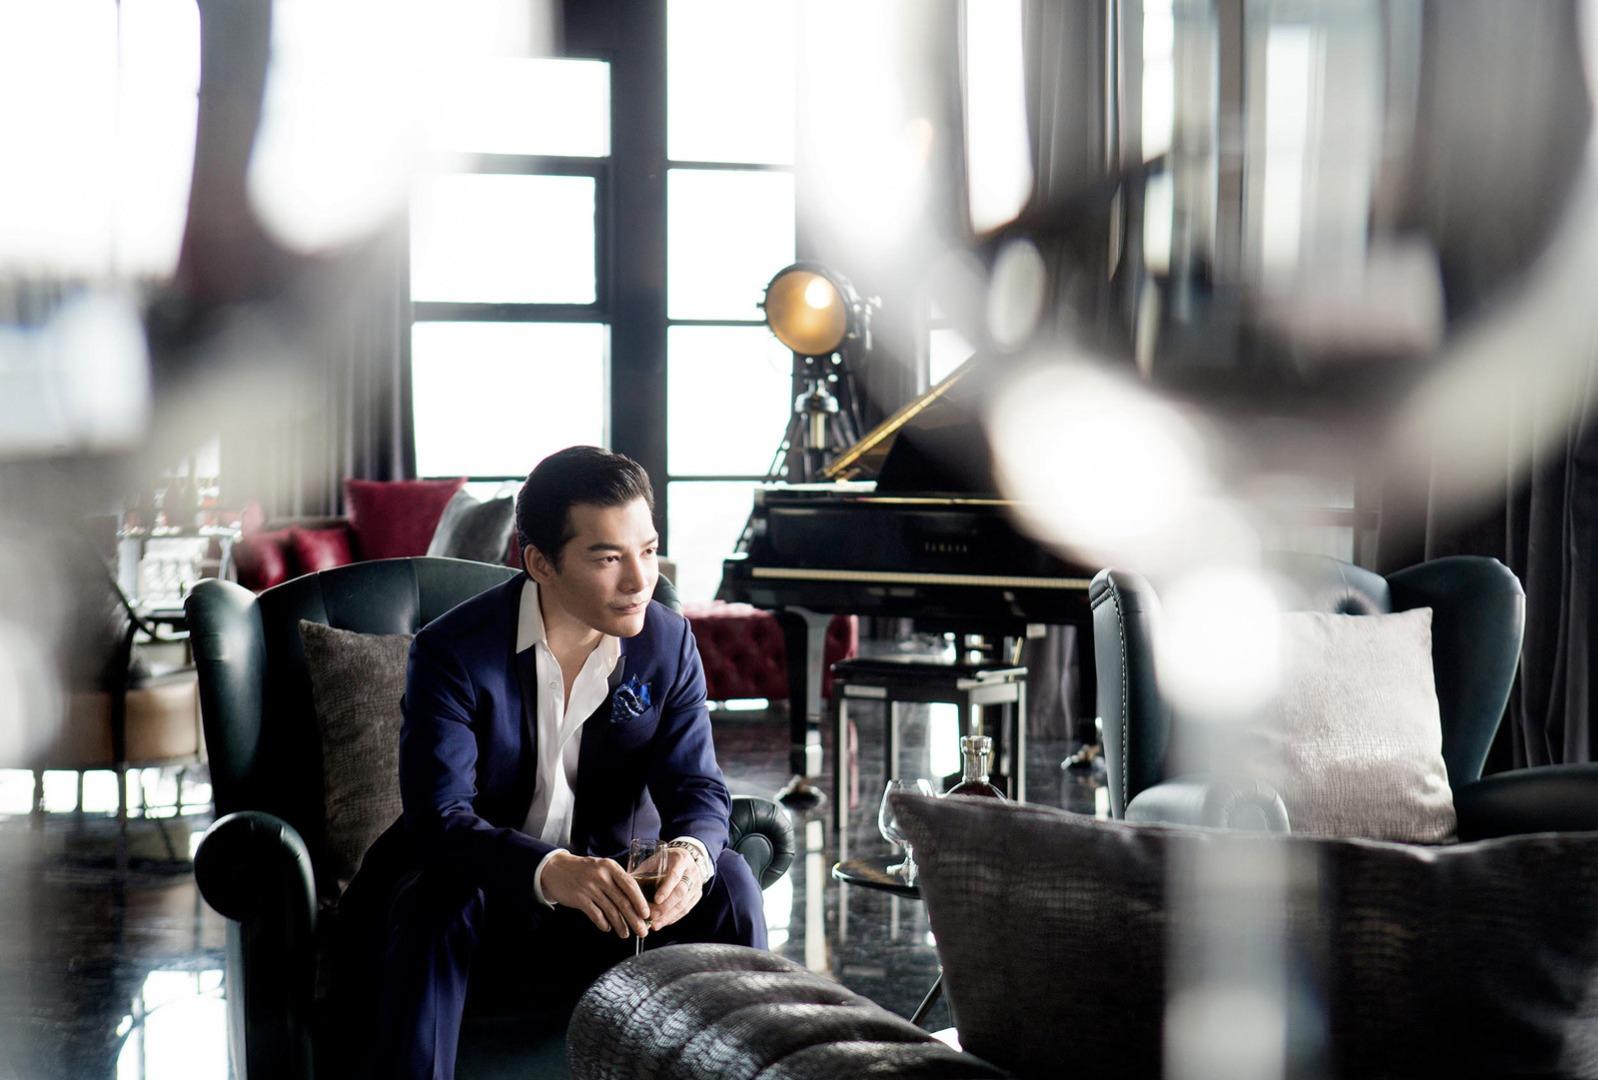 Mặc dù công việc bận rộn nhưng về đến căn hộ, Trần Bảo Sơn cảm thấy rất thoải mái, ấm cúng